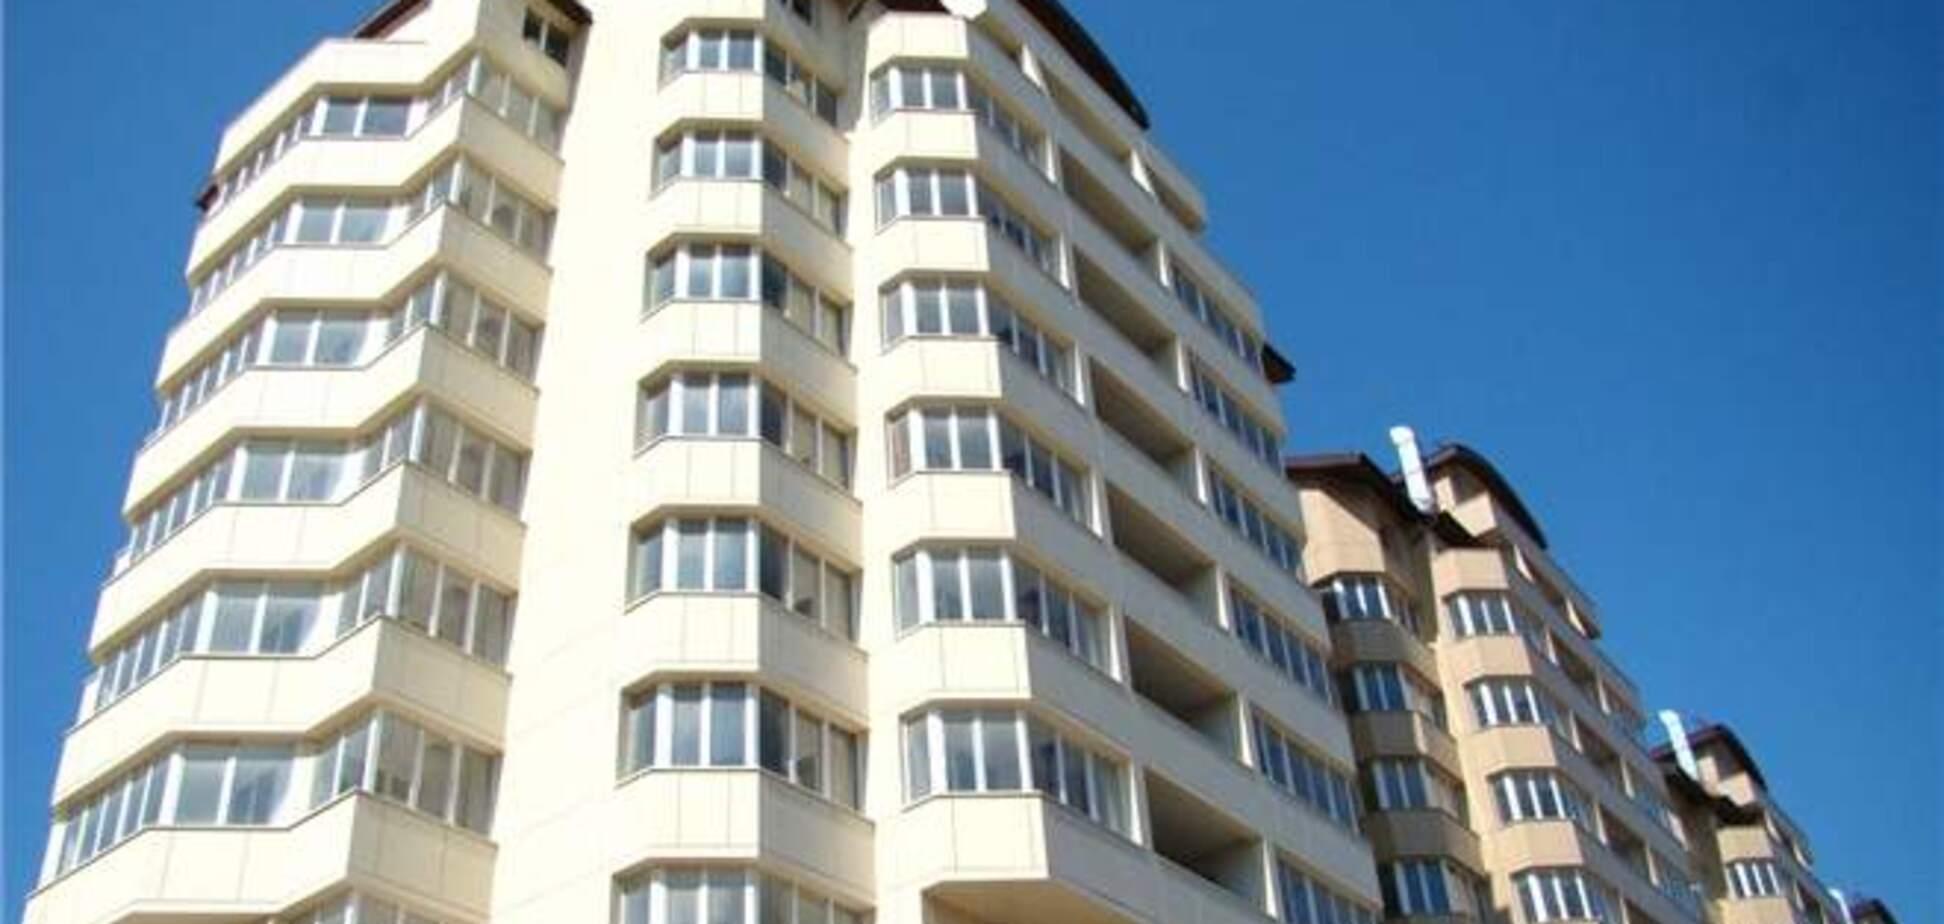 Столичные власти построят за год 4 тыс. квартир для льготников